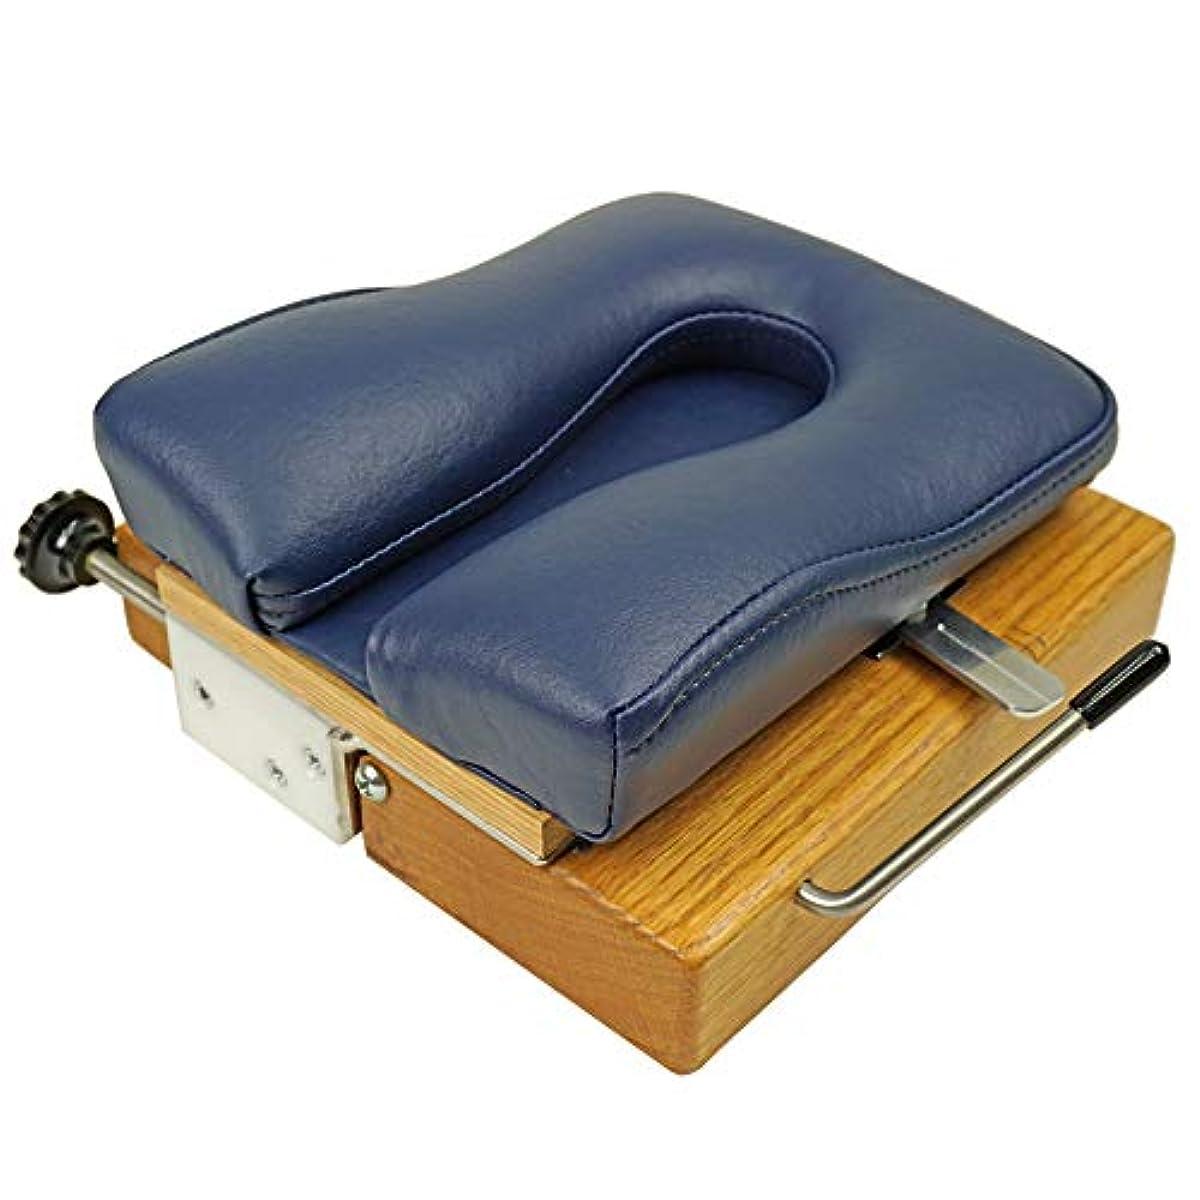 関数退却印をつけるLLOYD (ロイドテーブル) 可変式 ターグルリコイル ドロップ ポータブルドロップ 【 ヘッドピース 上部頚椎用 】